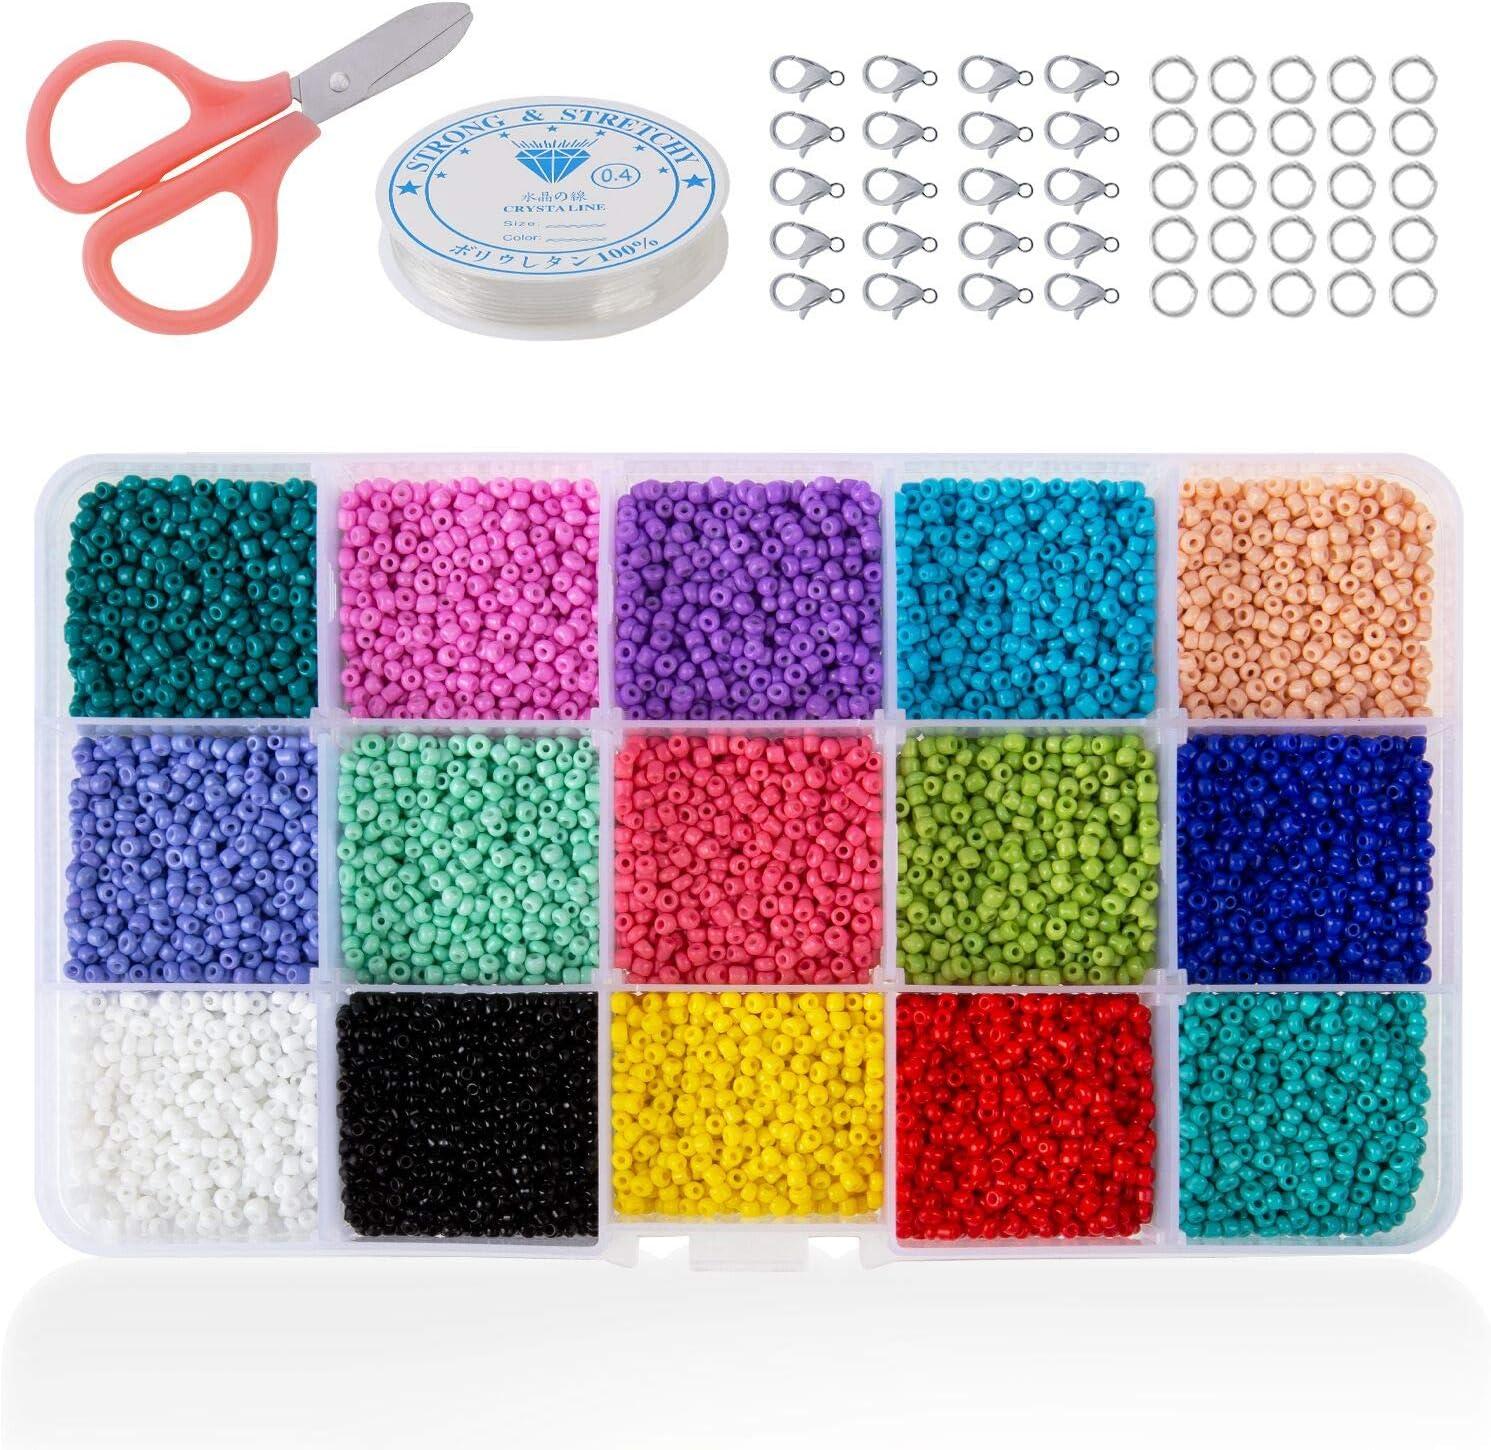 Phogary 15000 unids Granos de la Semilla de Cristal, Colores Mezclados Pequeño Pony Perlas Espaciadoras 2mm Redondo para la Elaboración de Bricolaje